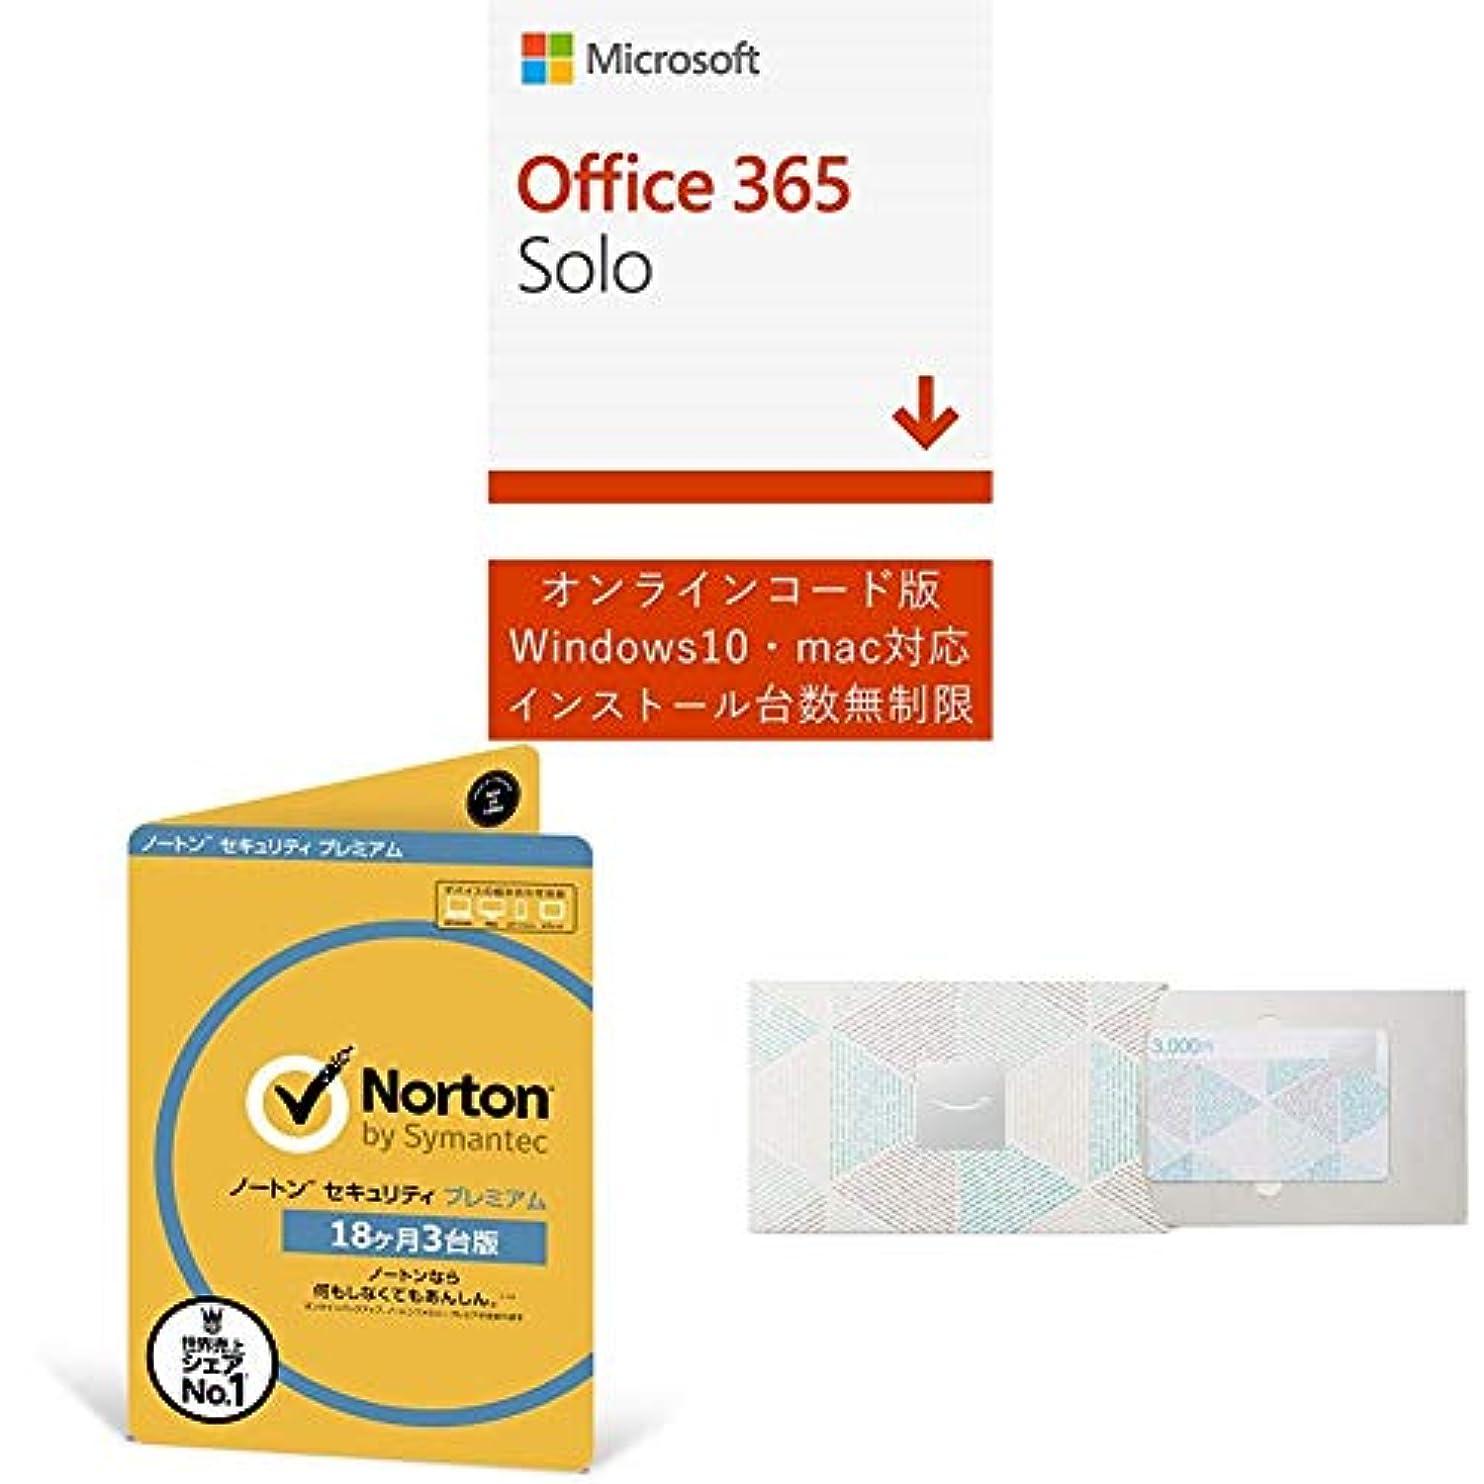 不忠染料に関してMicrosoft Office 365 Solo + ノートン セキュリティ プレミアム | 18ヶ月 3台版 | カード版 (Amazonギフト券3000円付き)